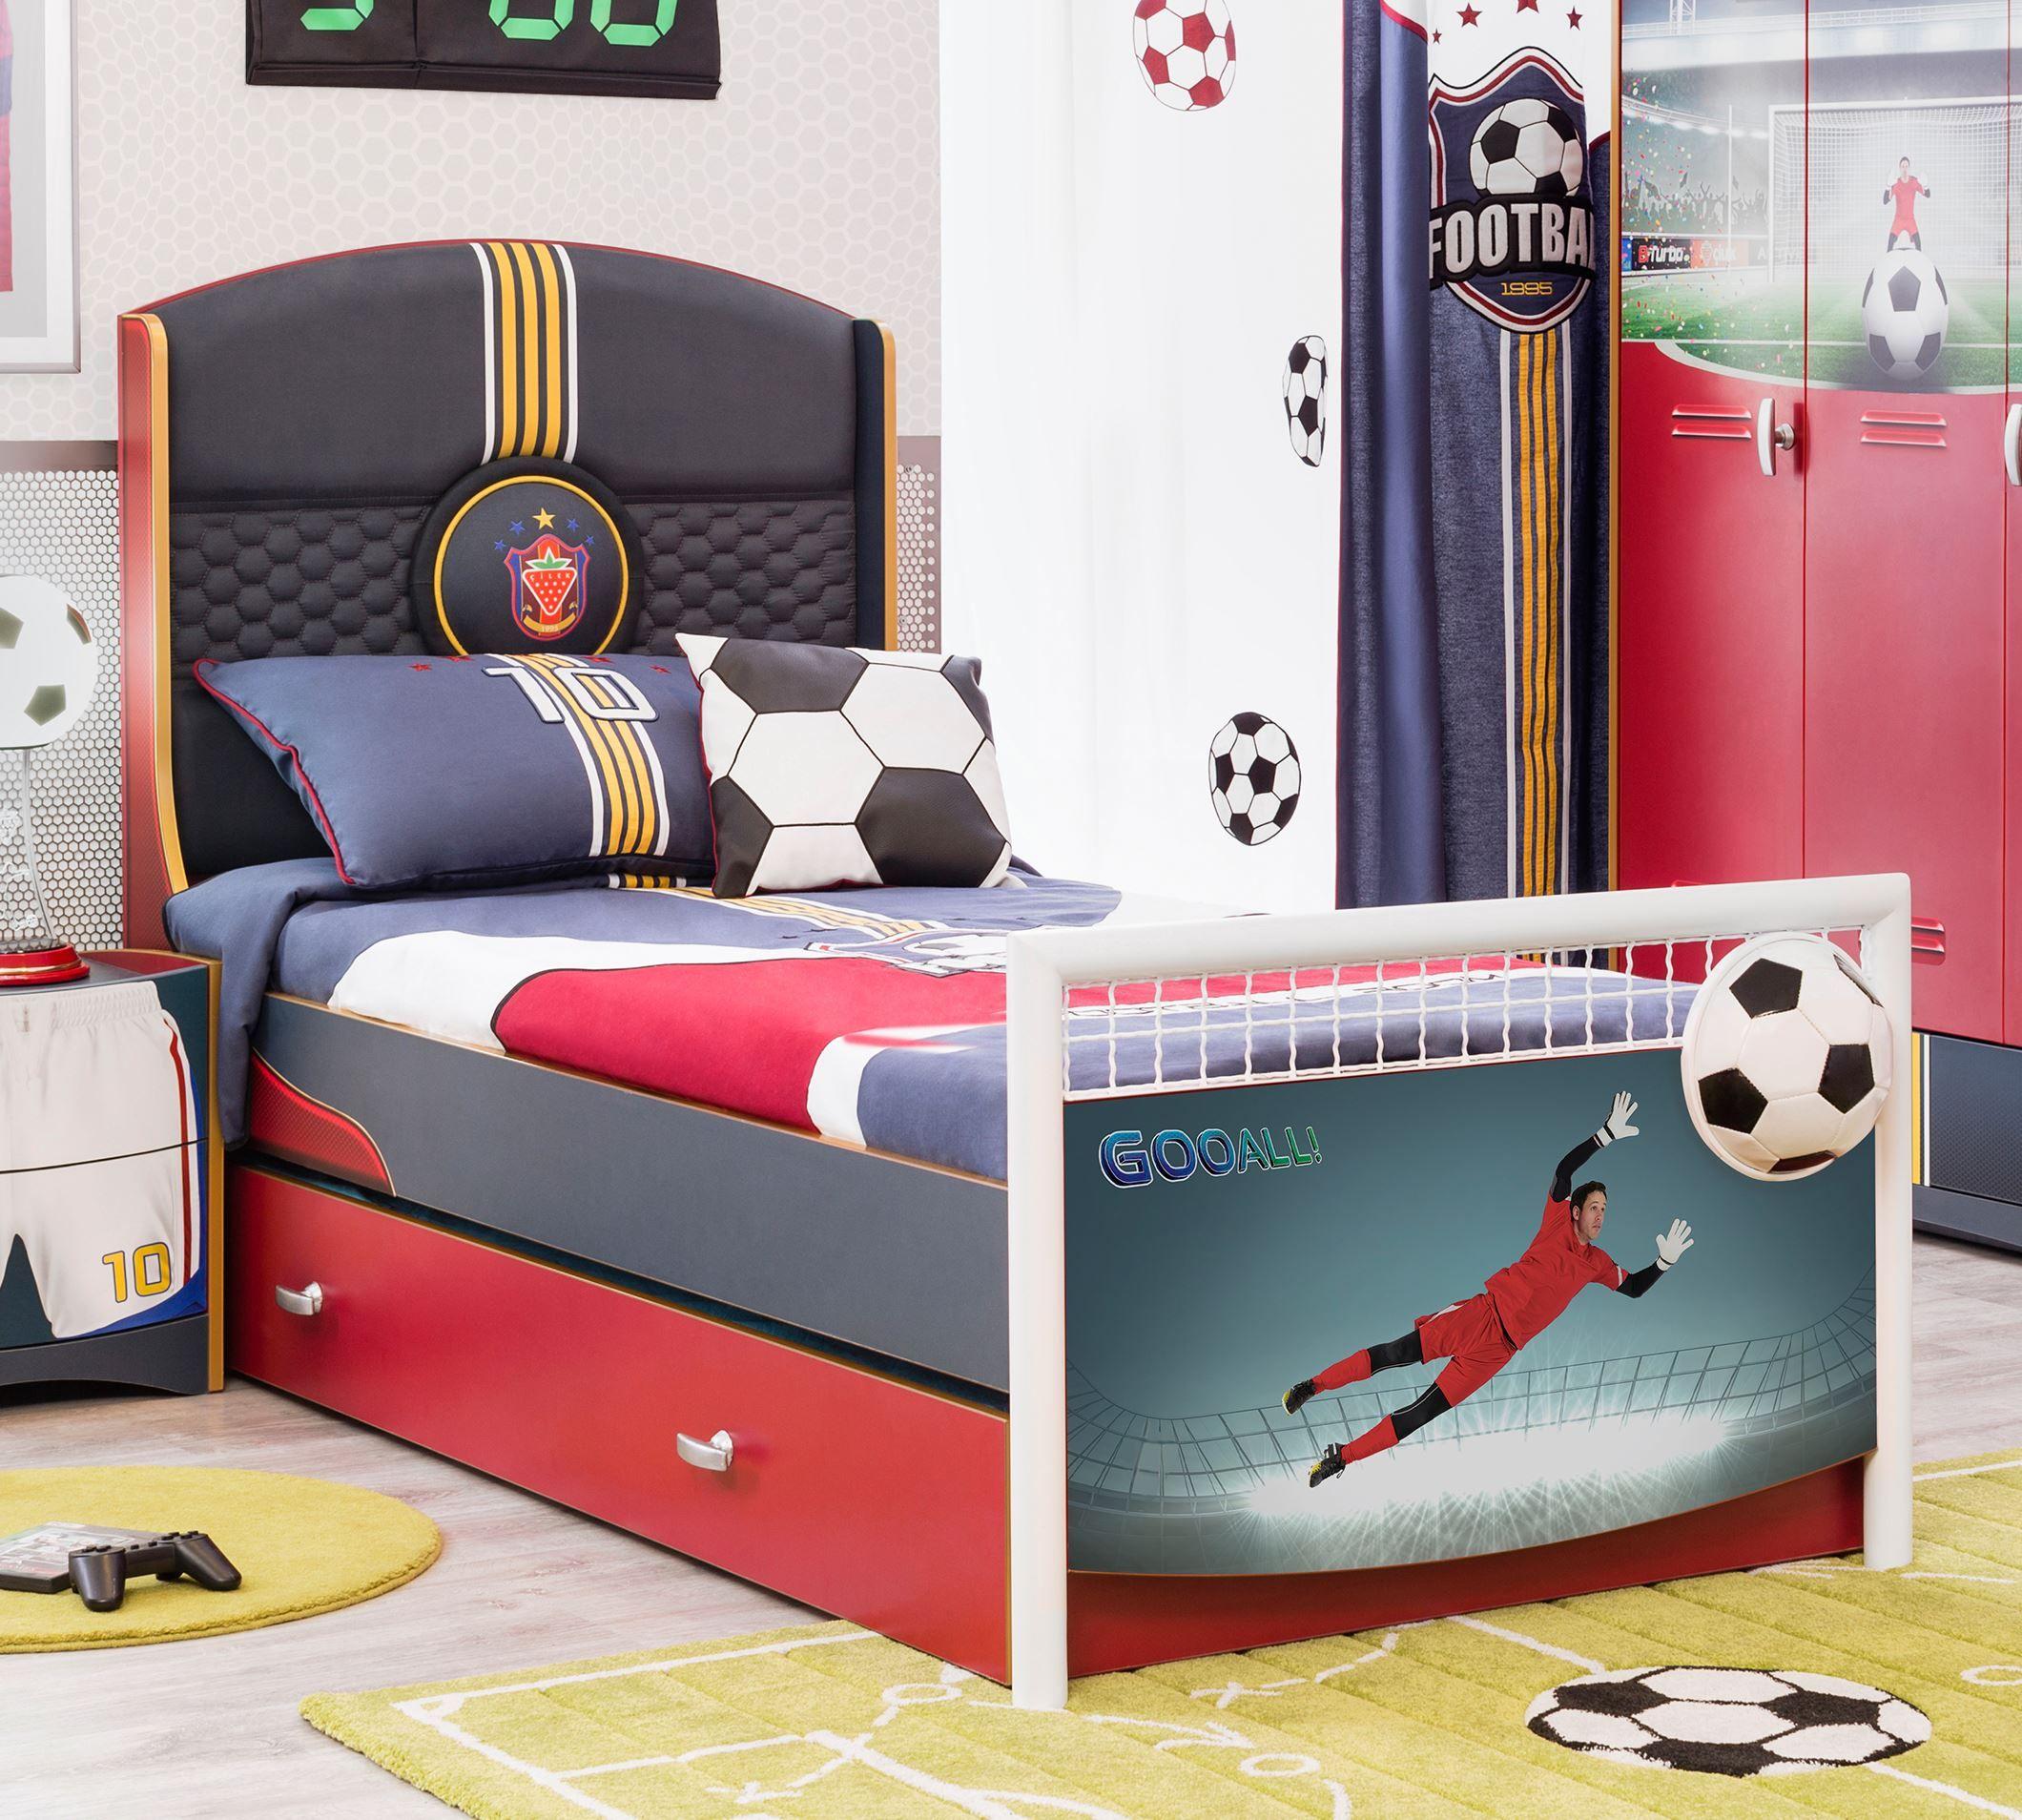 Cilek Football S Bett - Kostenloser Versand innerhalb Deutschlands! - Dieses sportliche Kinder- und Jugendbett wird jeden Zuschauer vor Begeisterung von der Tribüne werfen. Ein Bettkasten, der alternativ auch... #kinder #kinderzimmer #kinderbett #cilek